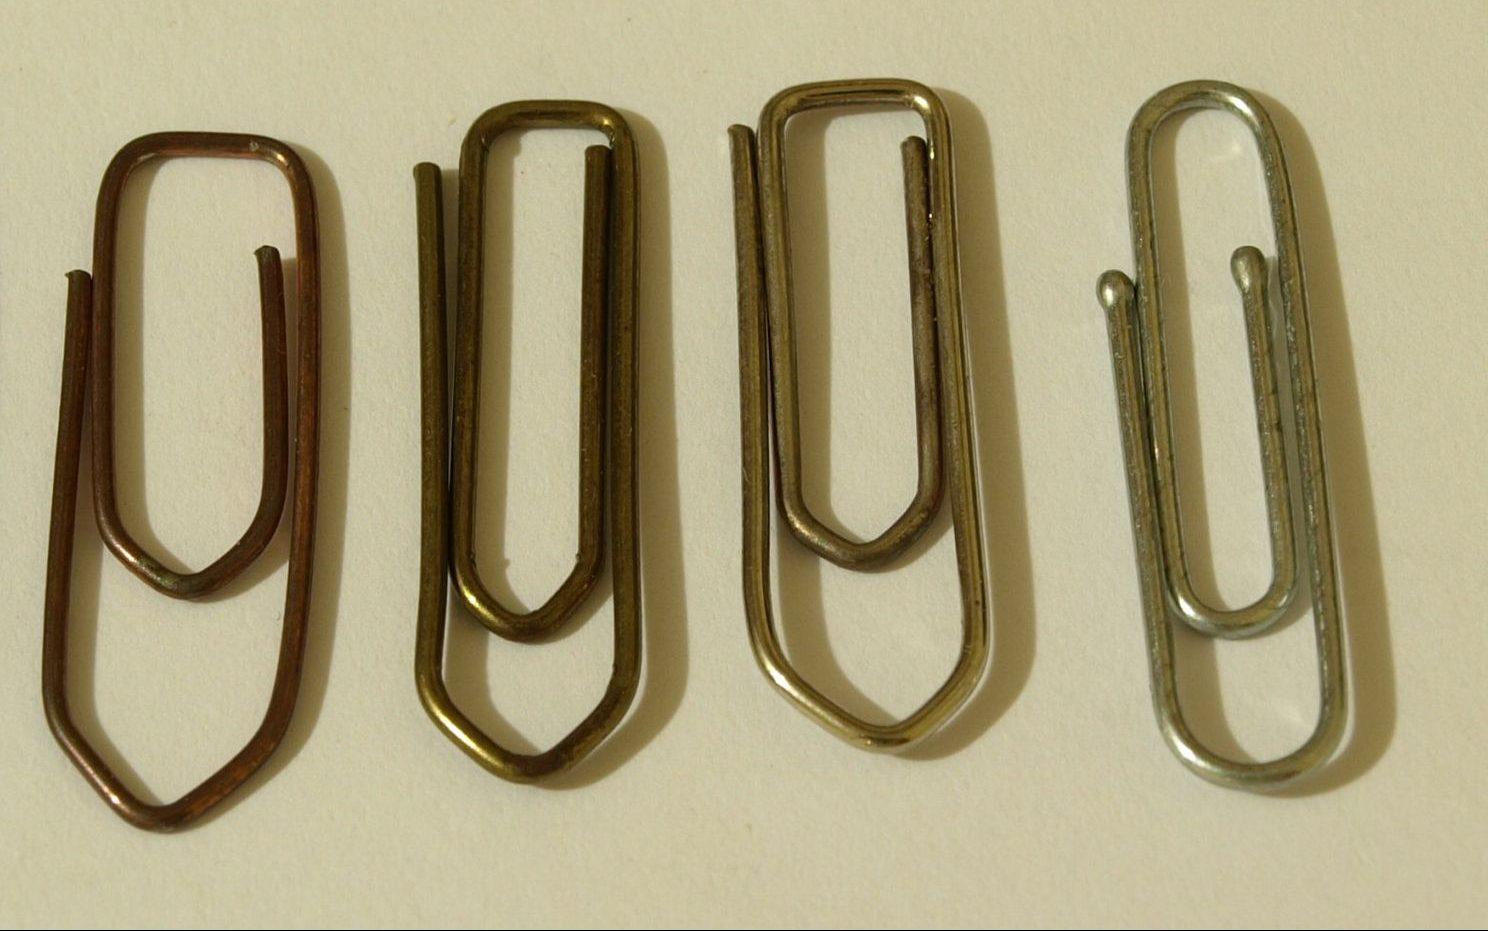 Galvanische Beschichtung hat viele Gesichter und ist theoretisch mit jedem Metall möglich